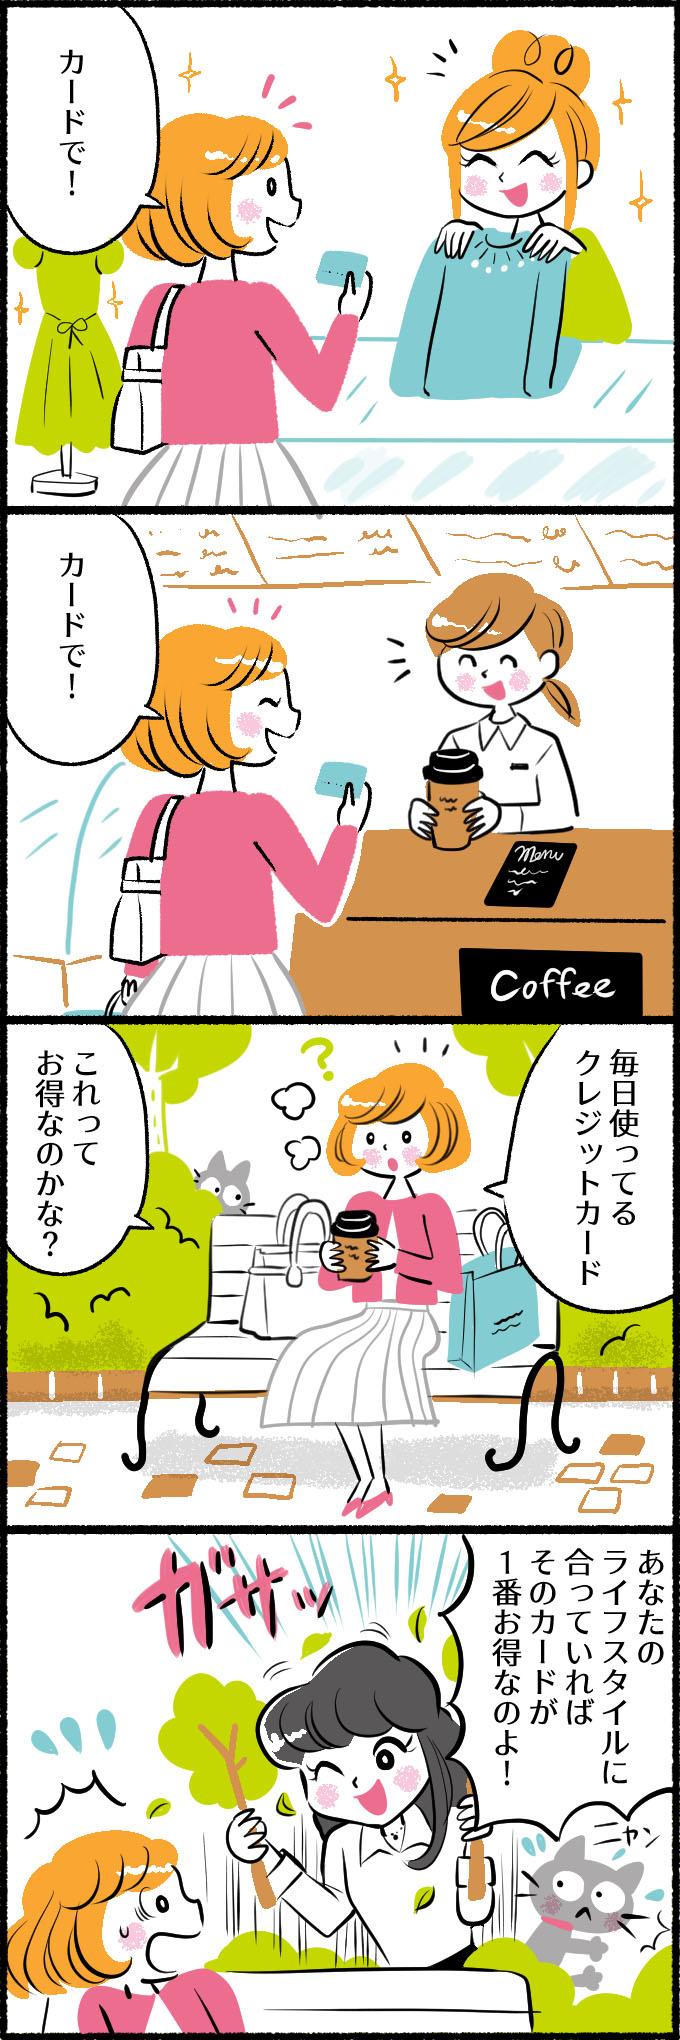 マイルド貯蓄漫画1